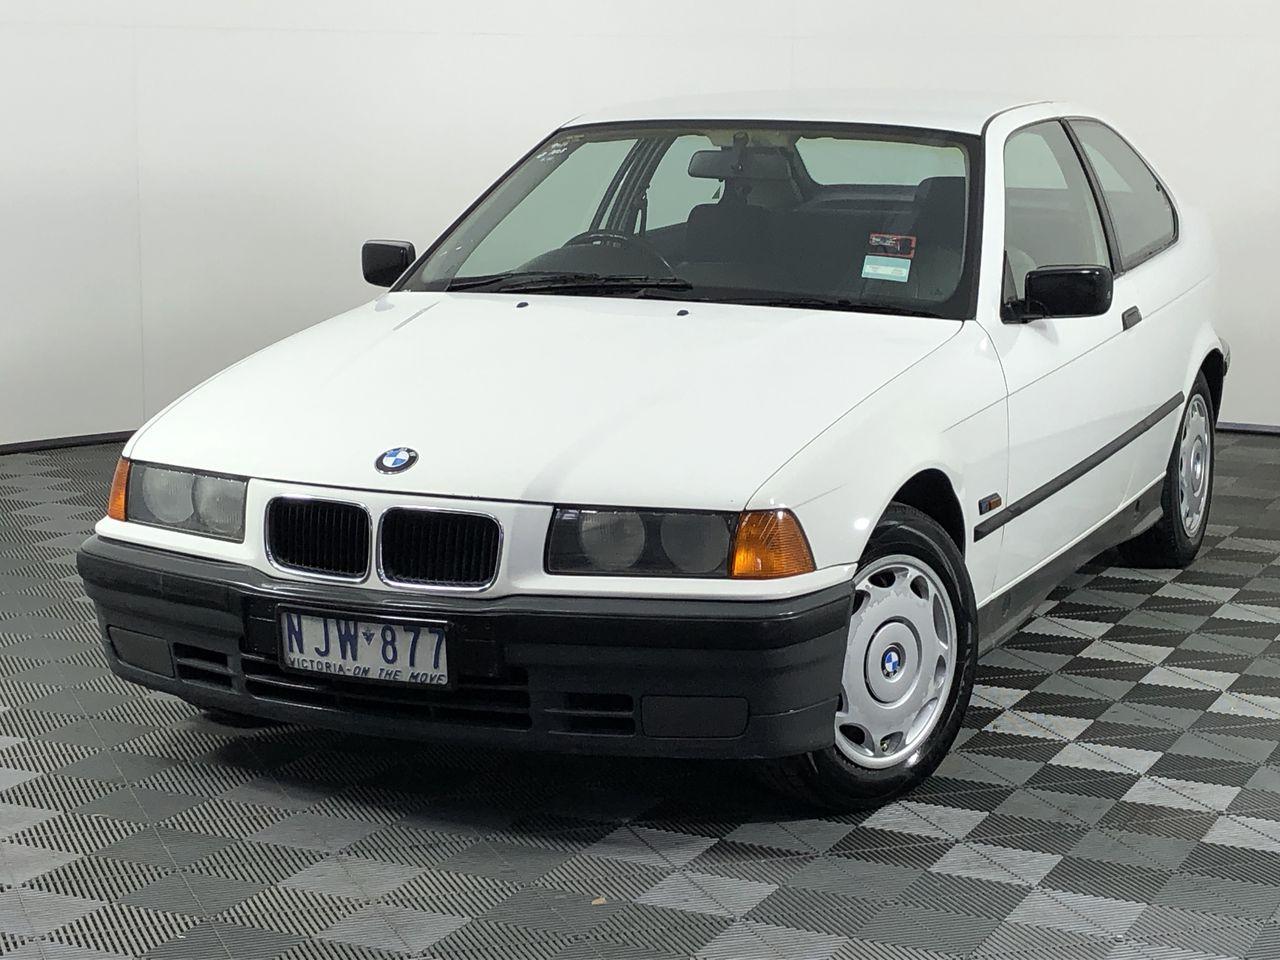 1995 BMW 3 16i Compact E36 Automatic Hatchback